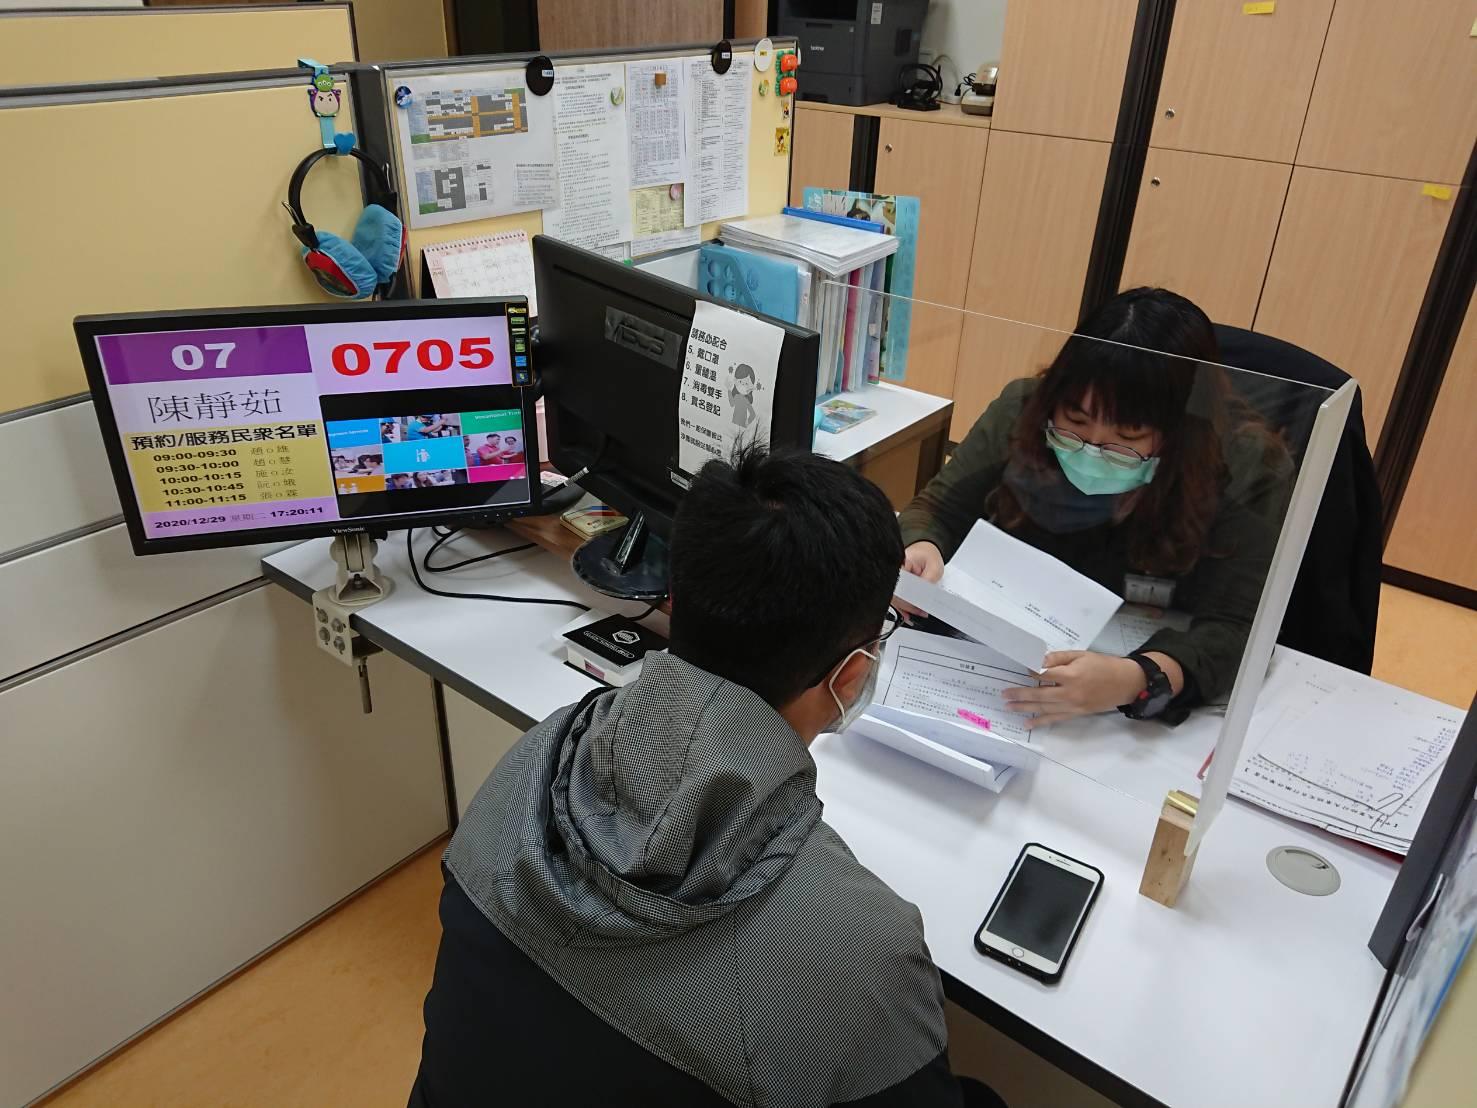 中市推出「即時就業獎勵金」 助百位怯志青年成功就業